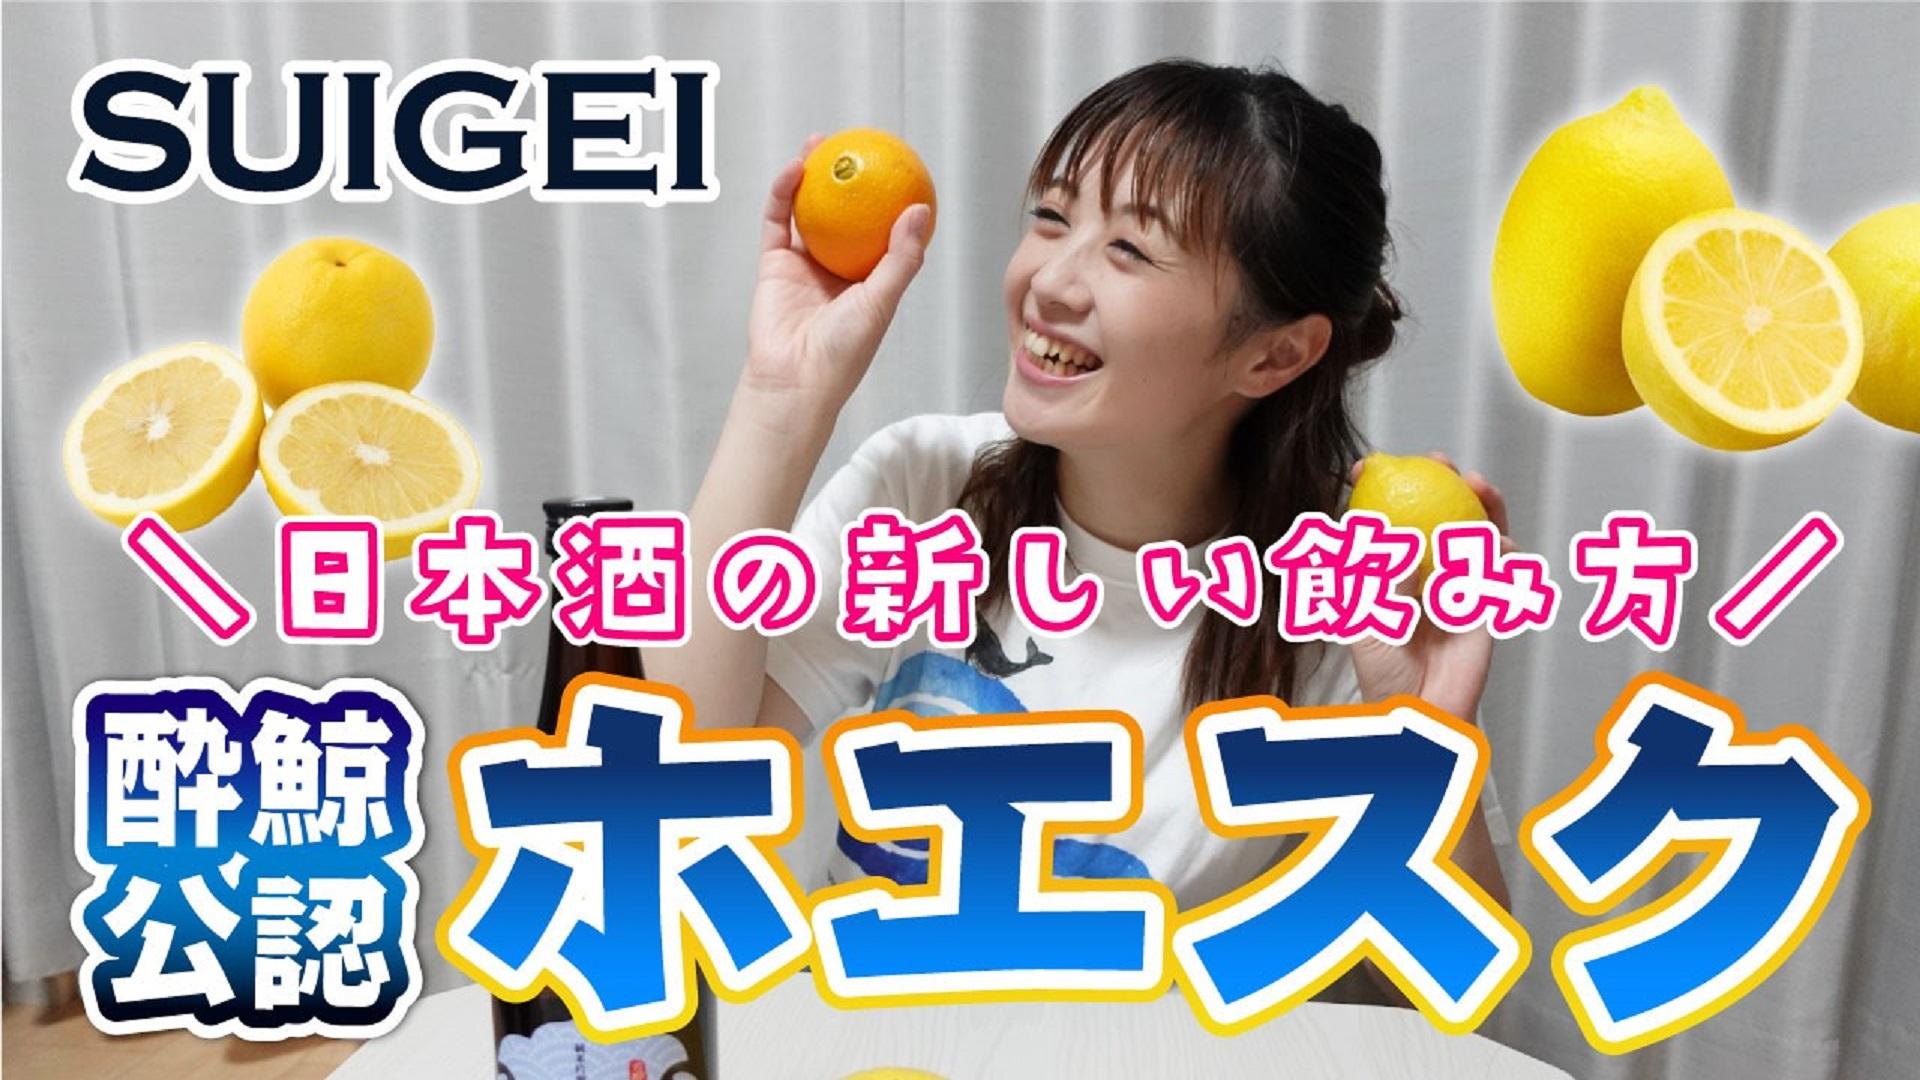 新感覚!お酒の新しい楽しみ方!「ホエスク」をご紹介!